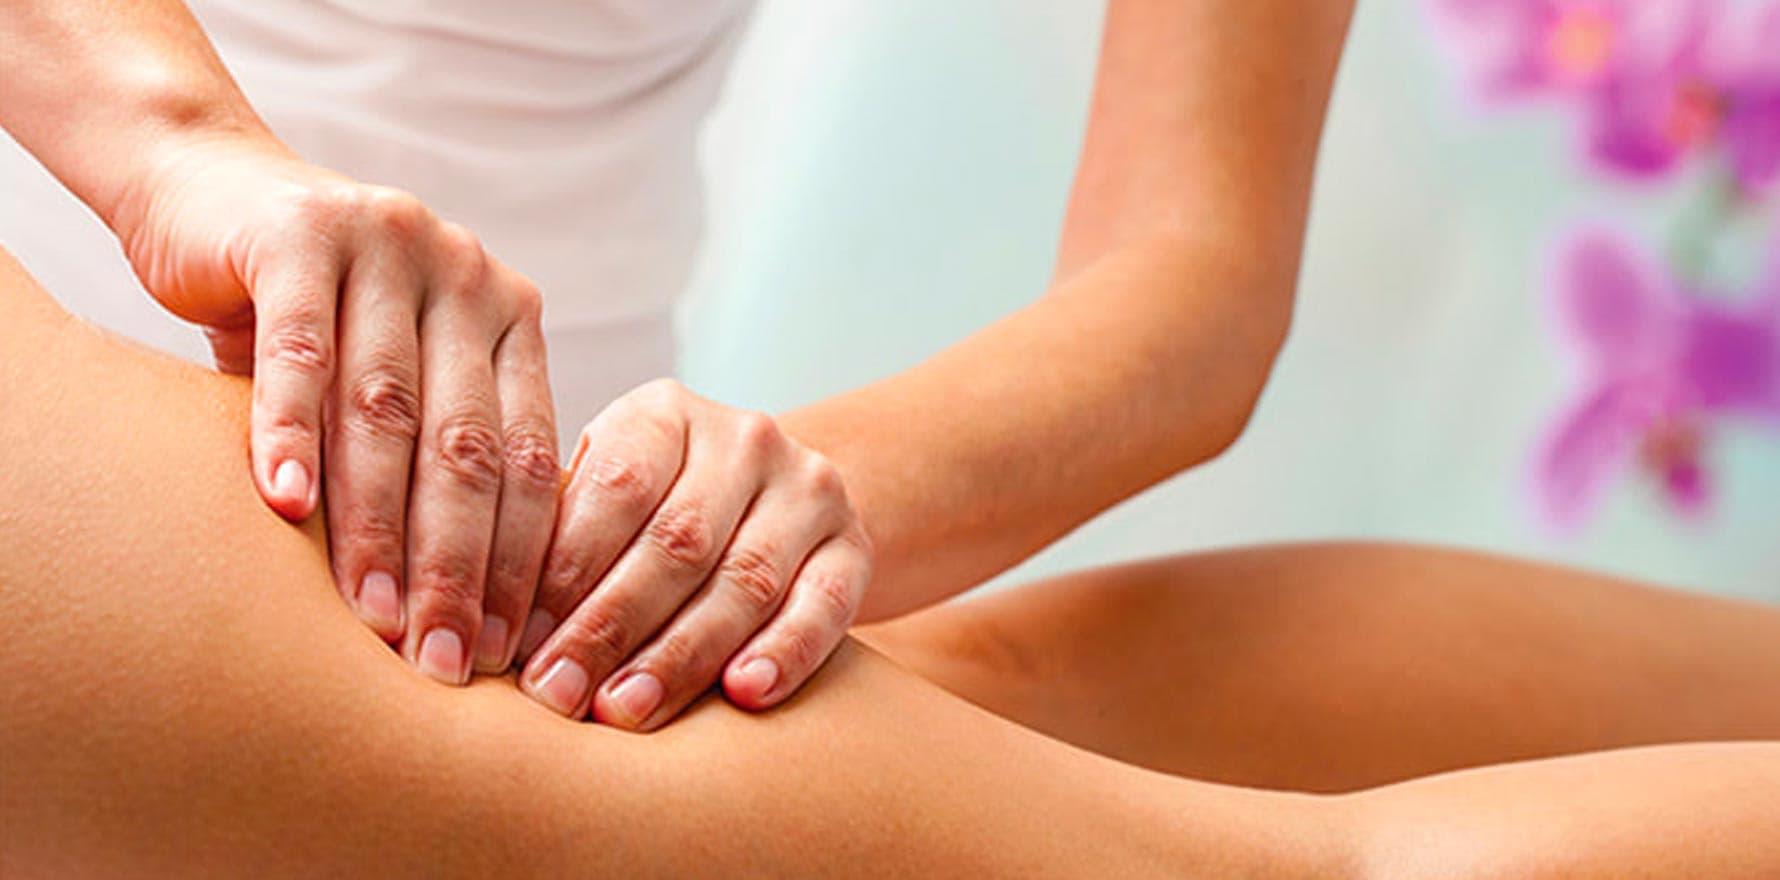 Виды массажа, которые противопоказаны в особые дни менструального цикла